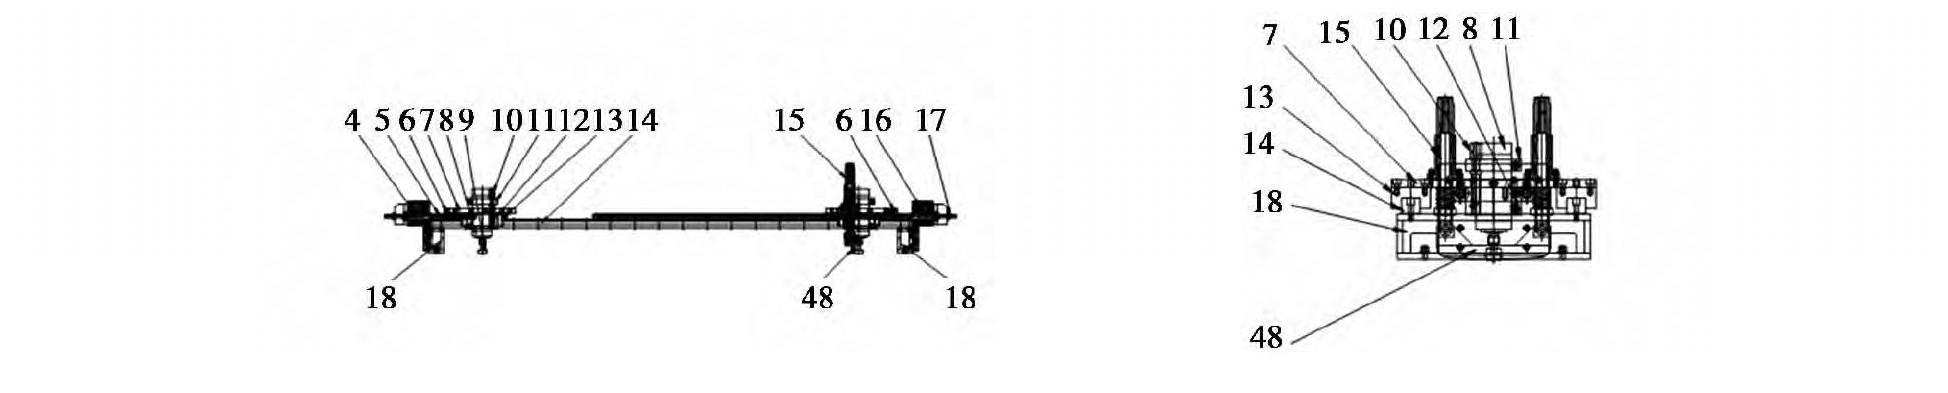 图2 软体地板加工设备主轴系统